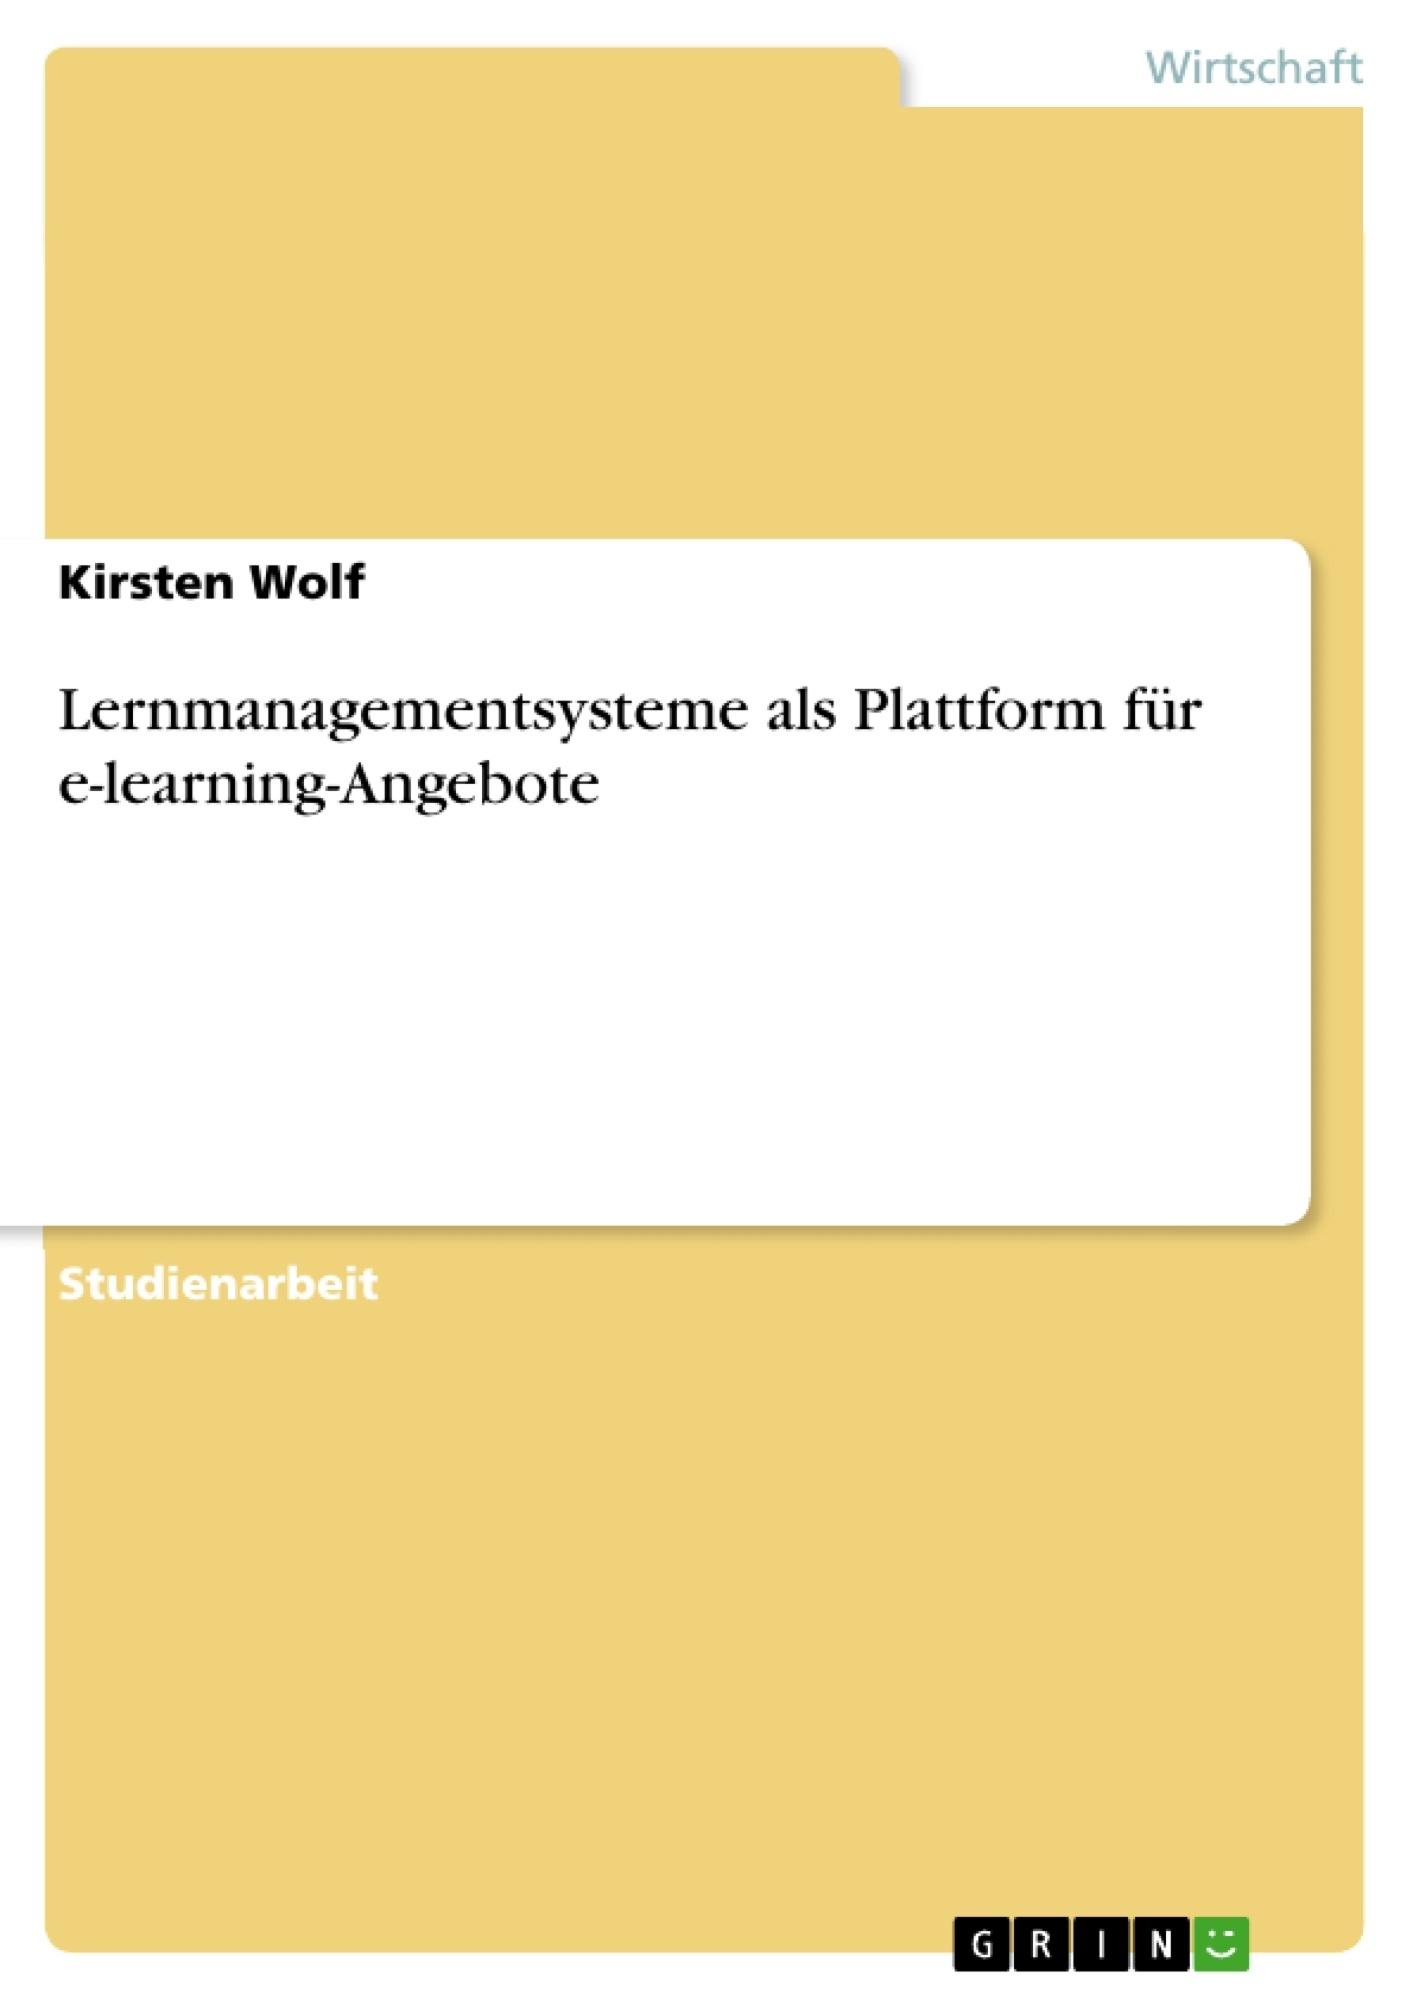 Titel: Lernmanagementsysteme als Plattform für e-learning-Angebote